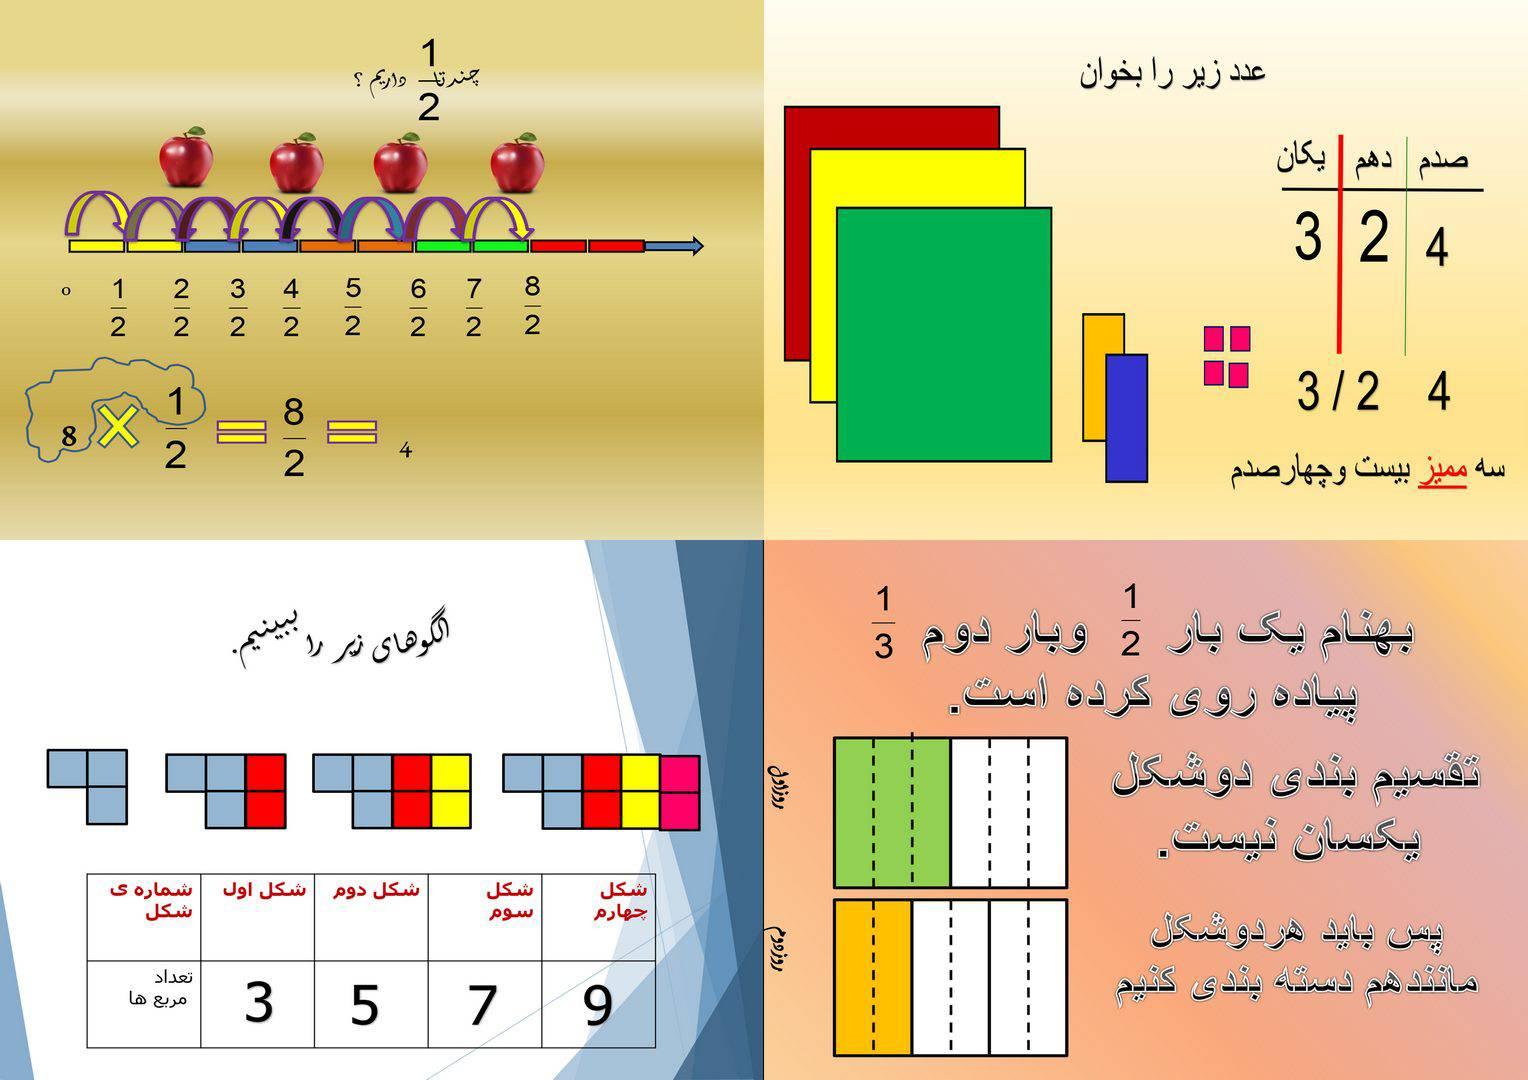 مجموعه پاورپوینت ریاضی پنجم(ضرب کسر،الگوها،جمع کسر،اعشار)